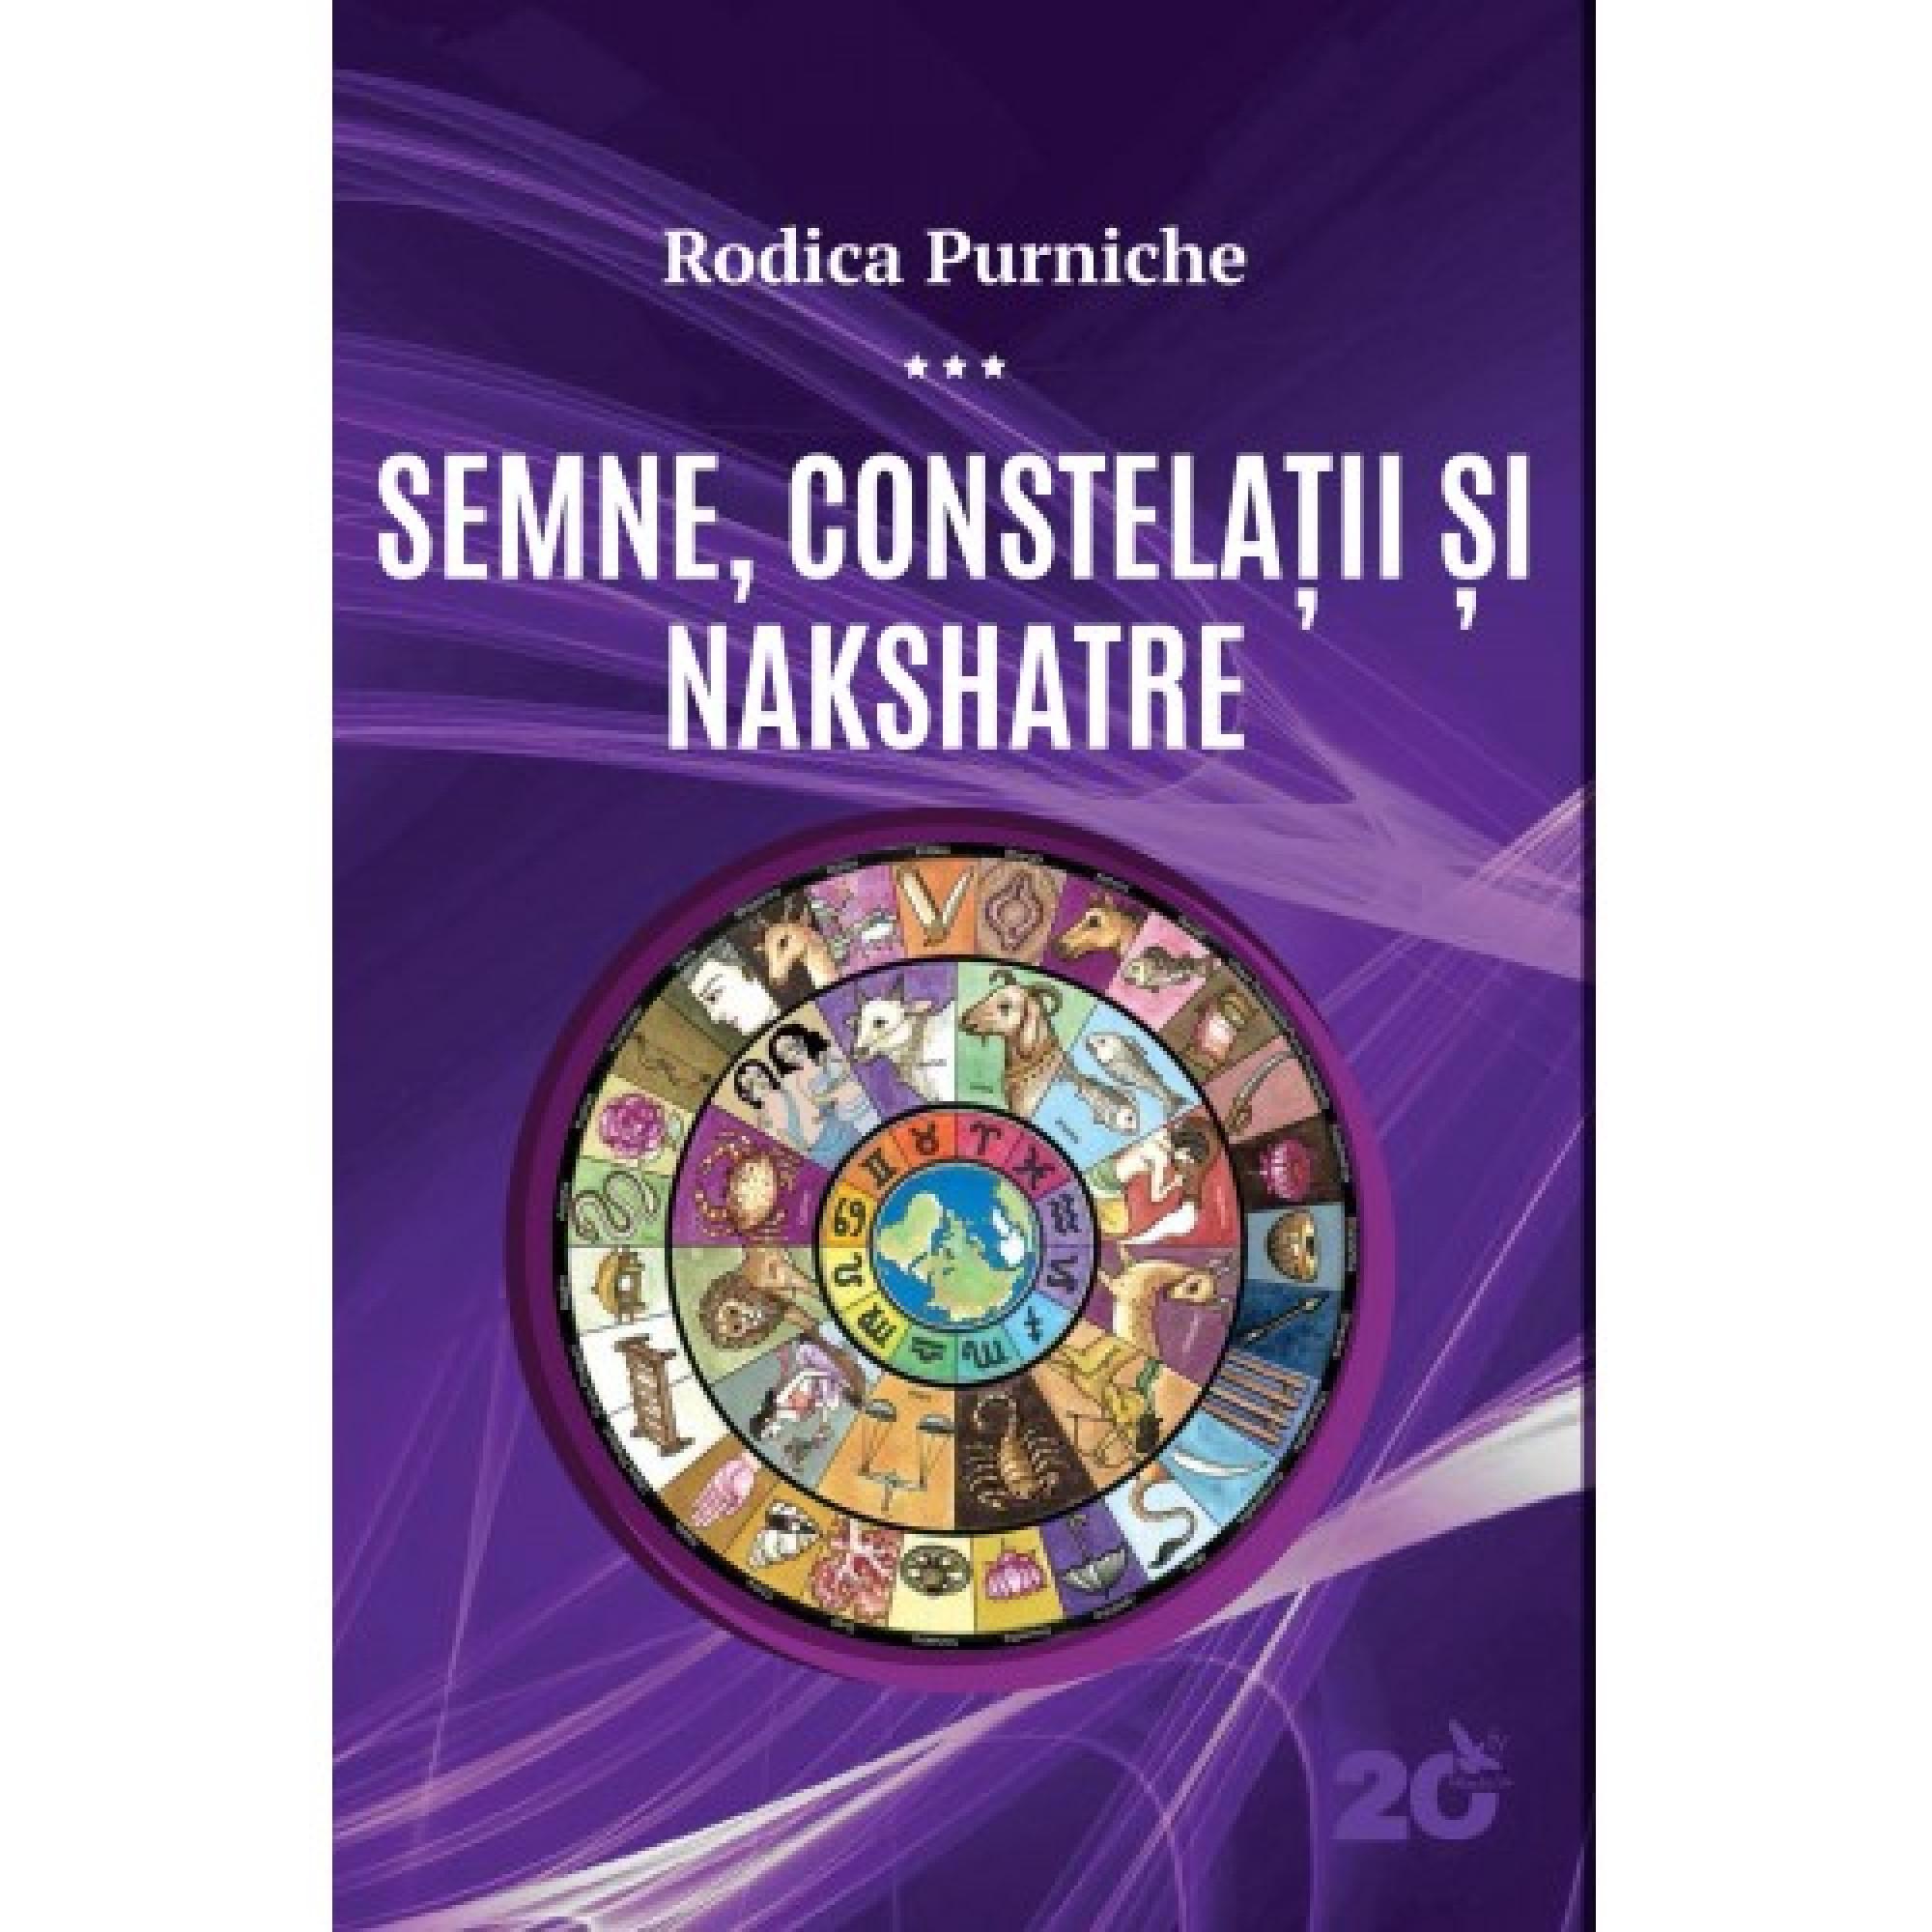 Semne, constelații și Nakshatre